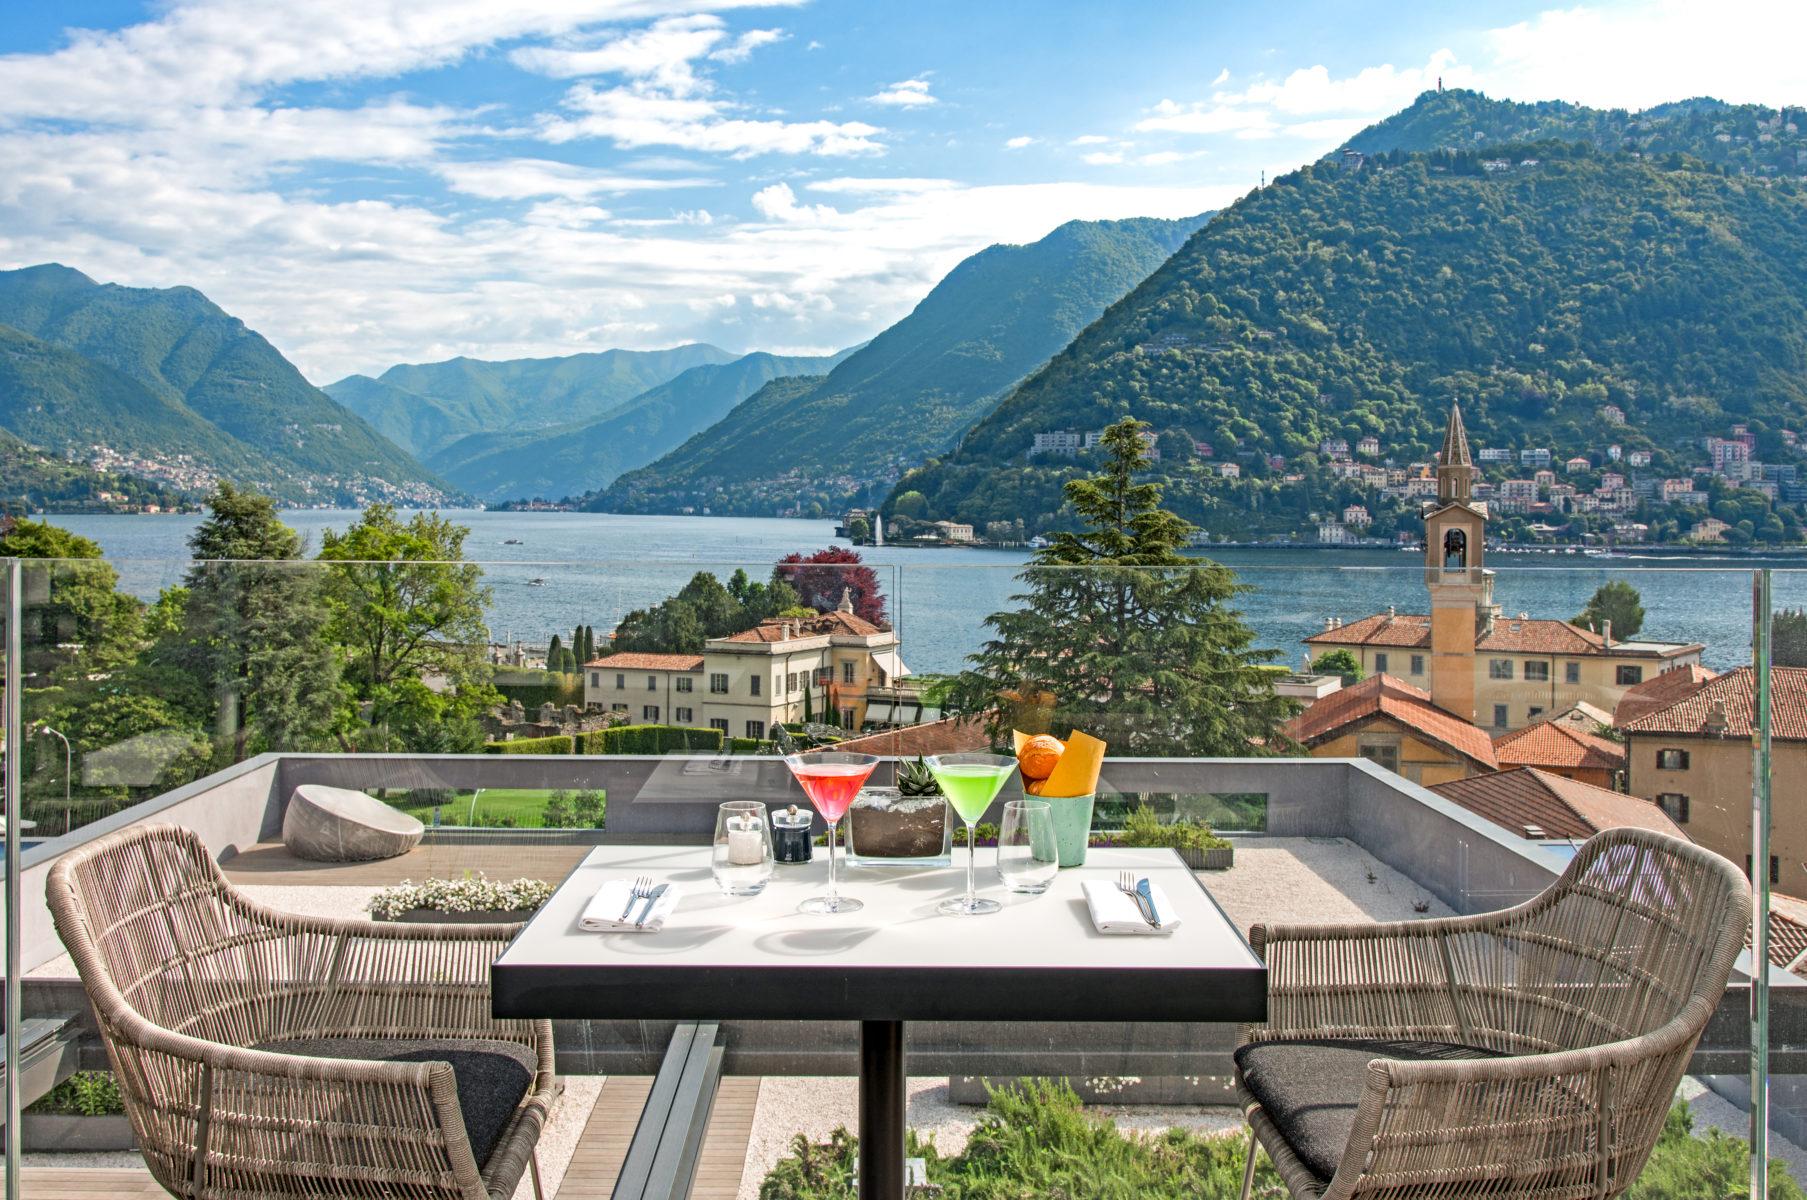 La spettacolare vista sul lago di Como che si gode dall'ultimo piano dell'Hilton Lake Como